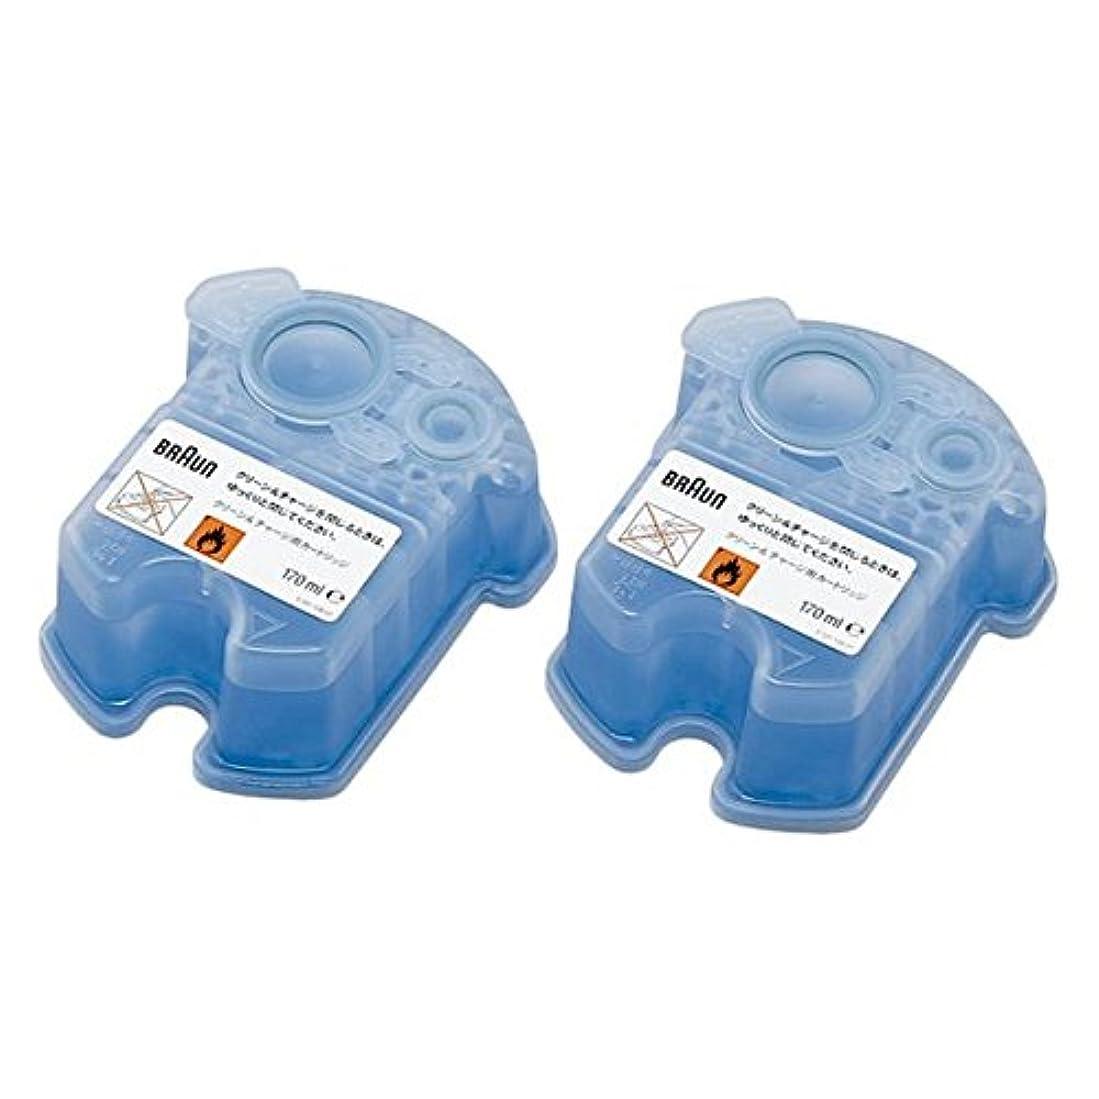 不和発行する痛みBRAUN(ブラウン) クリーン&リニュー専用 洗浄液カートリッジ CCR2CR 2個入 家電 生活家電 [並行輸入品]